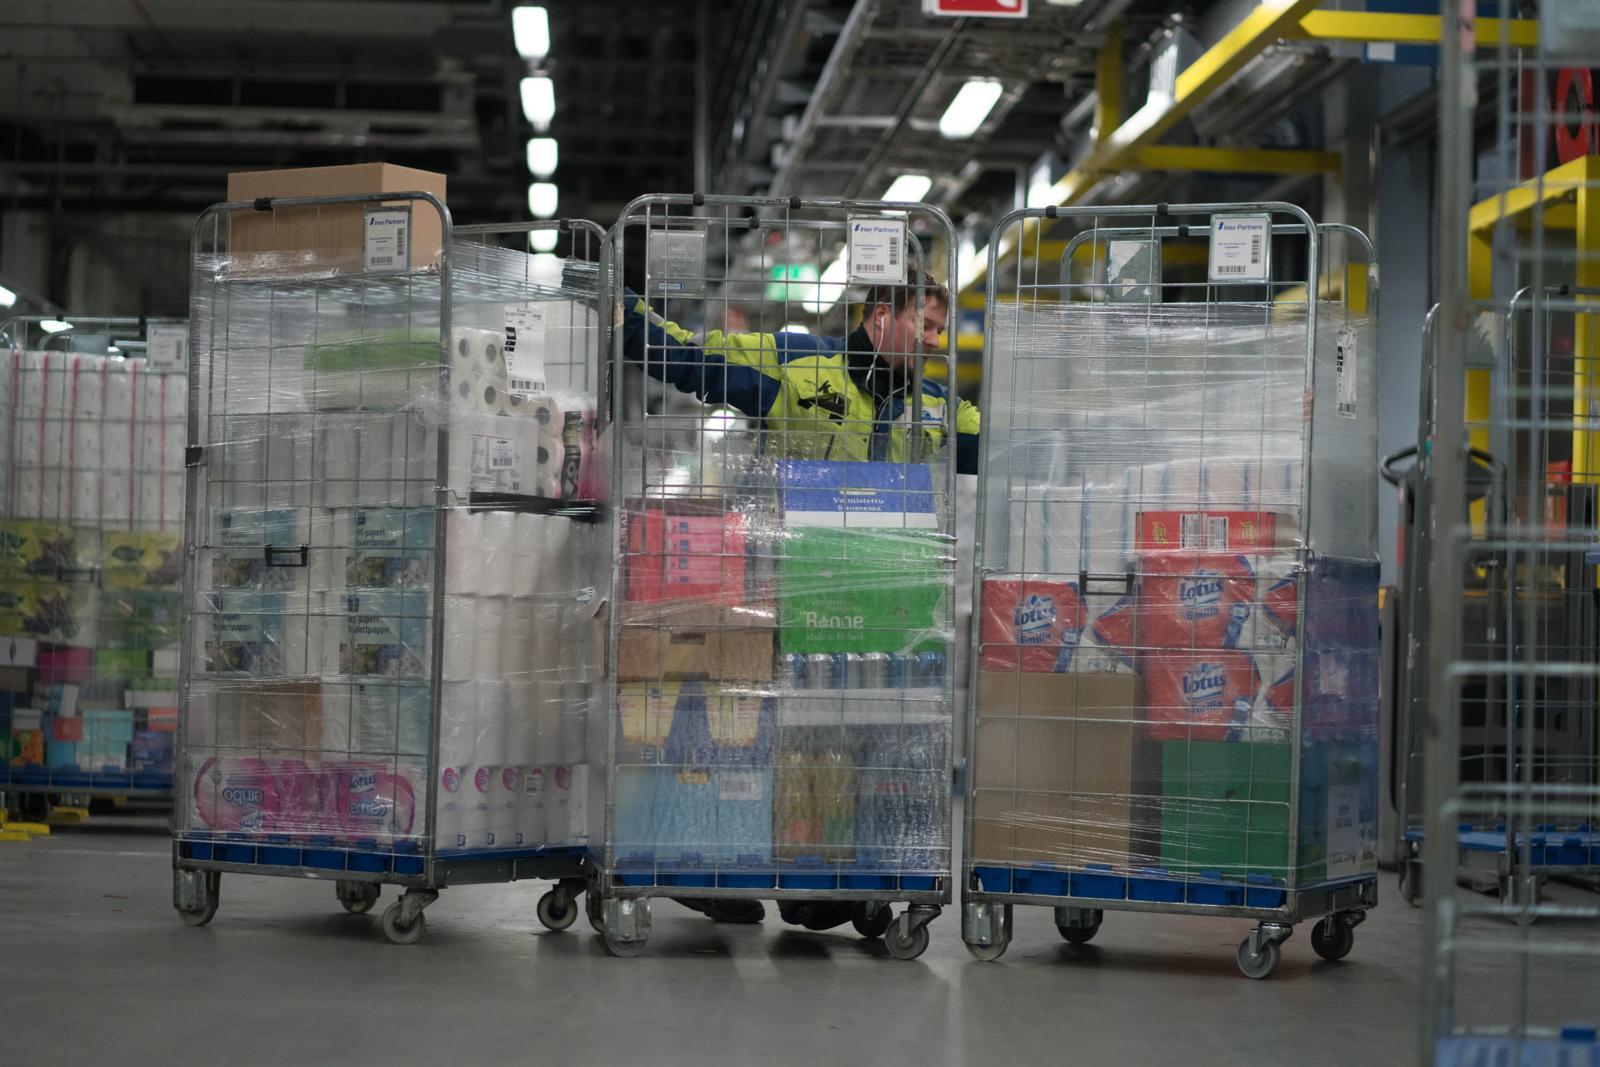 Pehmeitä paketteja ei kerätä Inexillä täysautomaattisesti. Kuva: Jukka Rapo